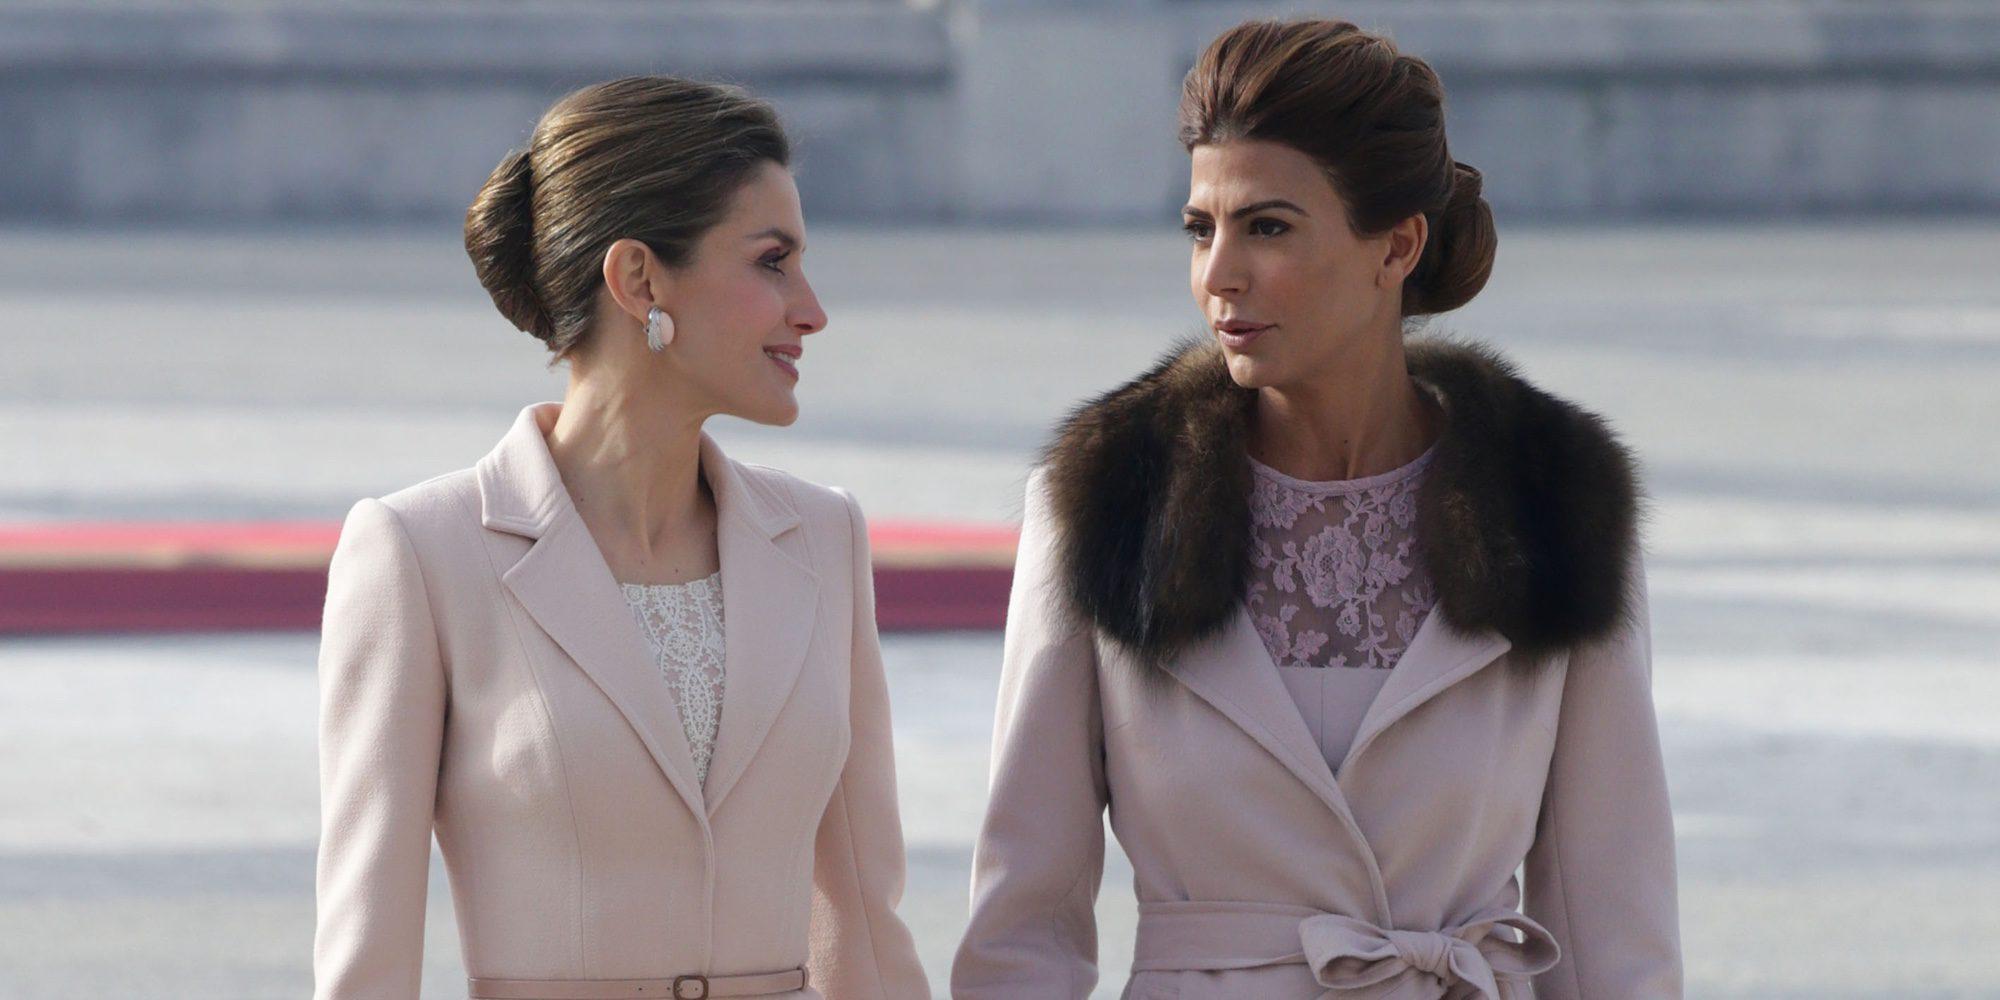 La Reina Letizia y Juliana Awada, como dos amigas en el inicio de la Visita de Estado del presidente de Argentina